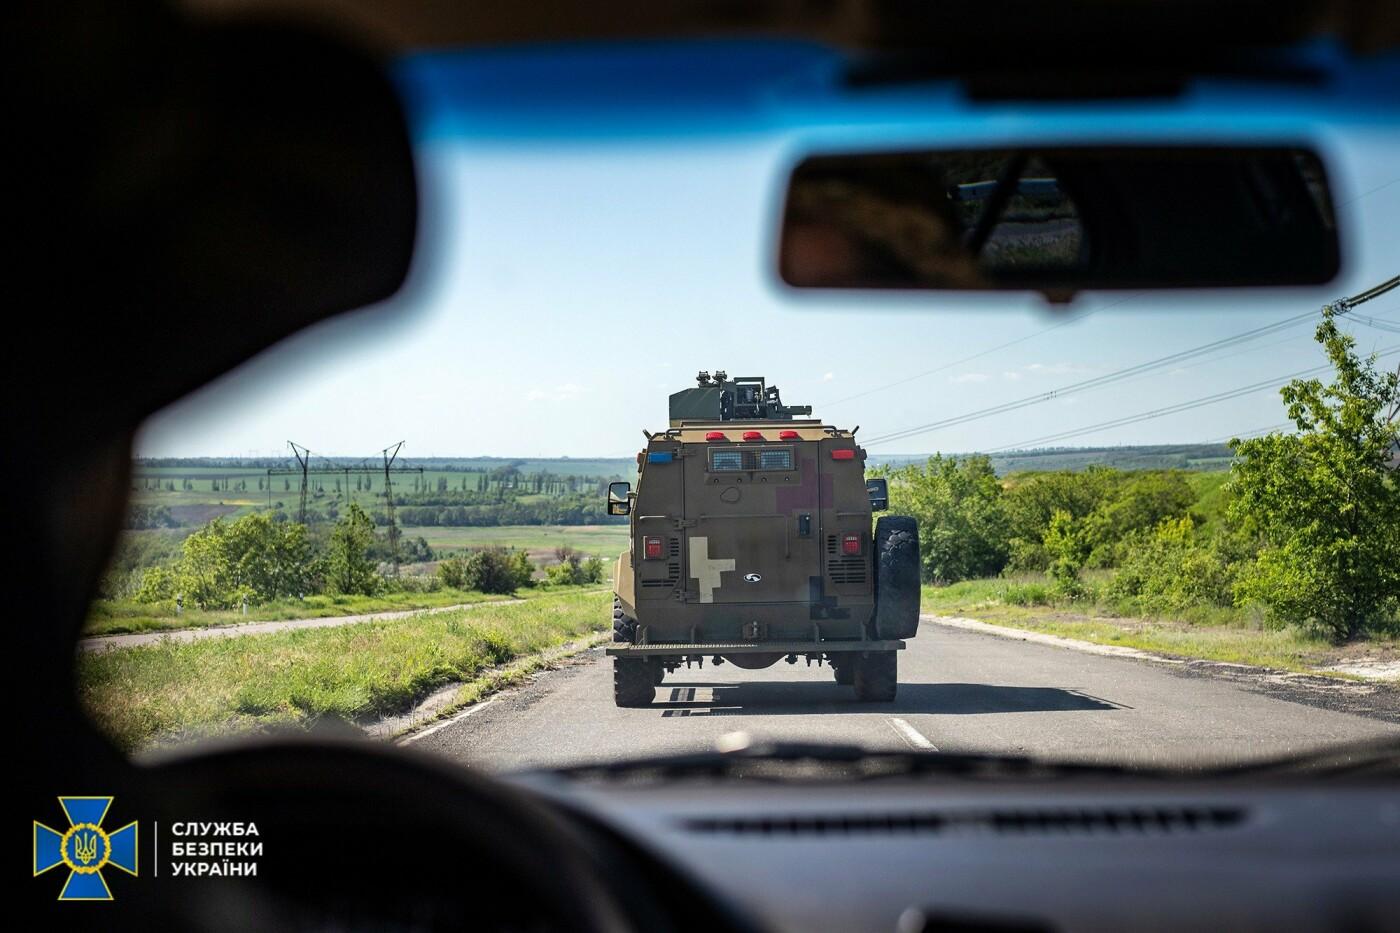 Украинские спецслужбы провели учения вблизи линии разграничения на Донбассе, - ФОТО, фото-7